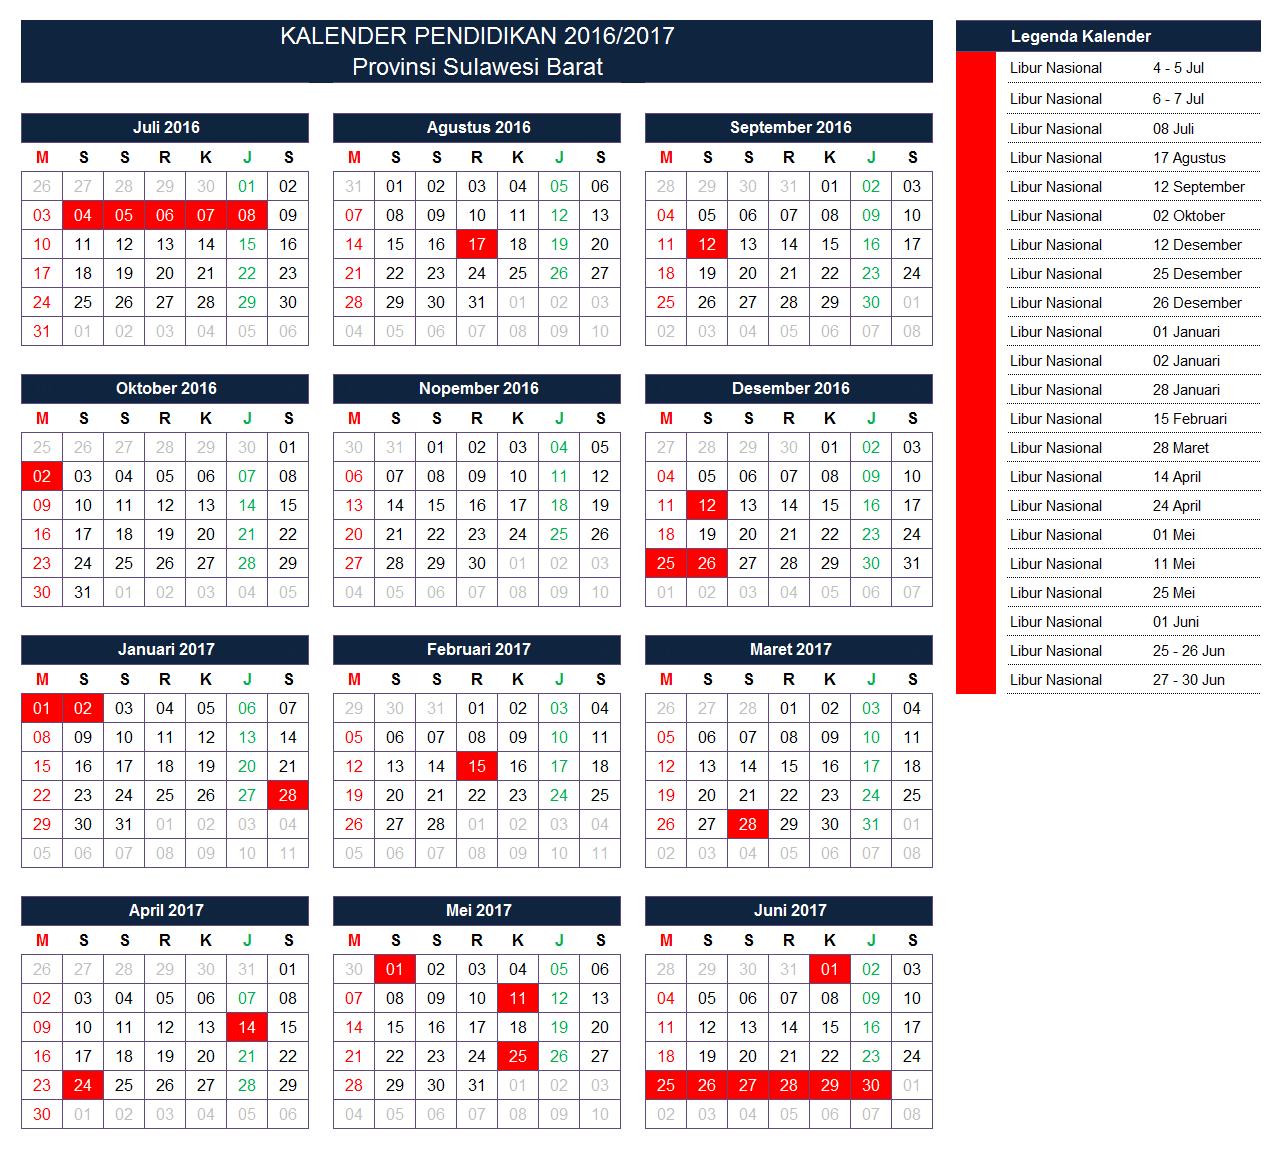 Kalender Pendidikan Provinsi Sulawesi Barat